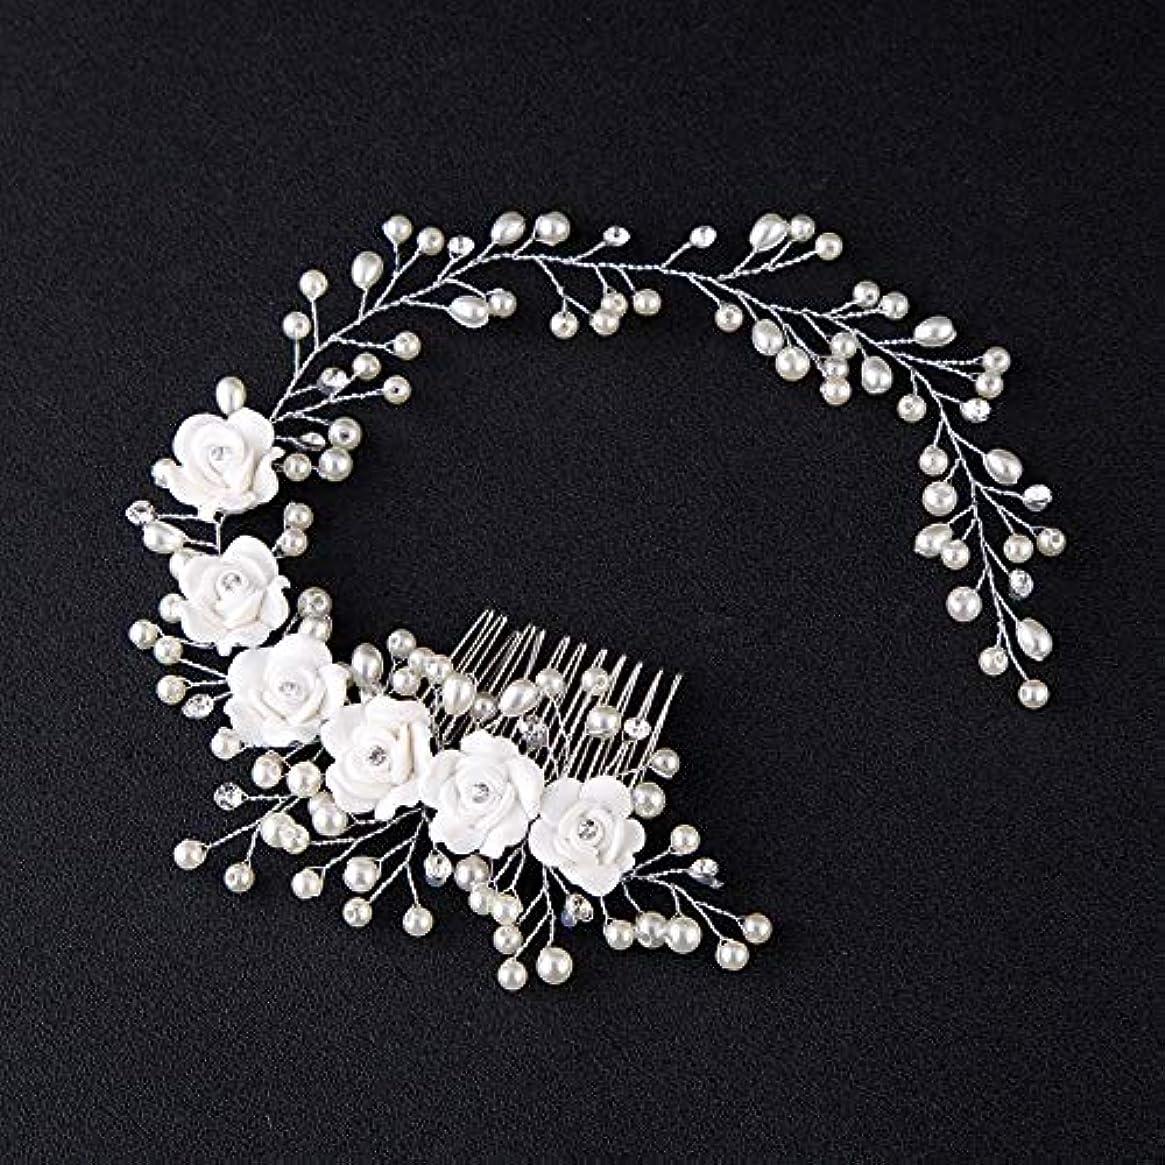 ログロマンススチュワーデスHairpinheair YHM女性の髪の櫛の花嫁の結婚式のヘアクリップ手作りの花のビーズの装飾レディースヘアアクセサリー